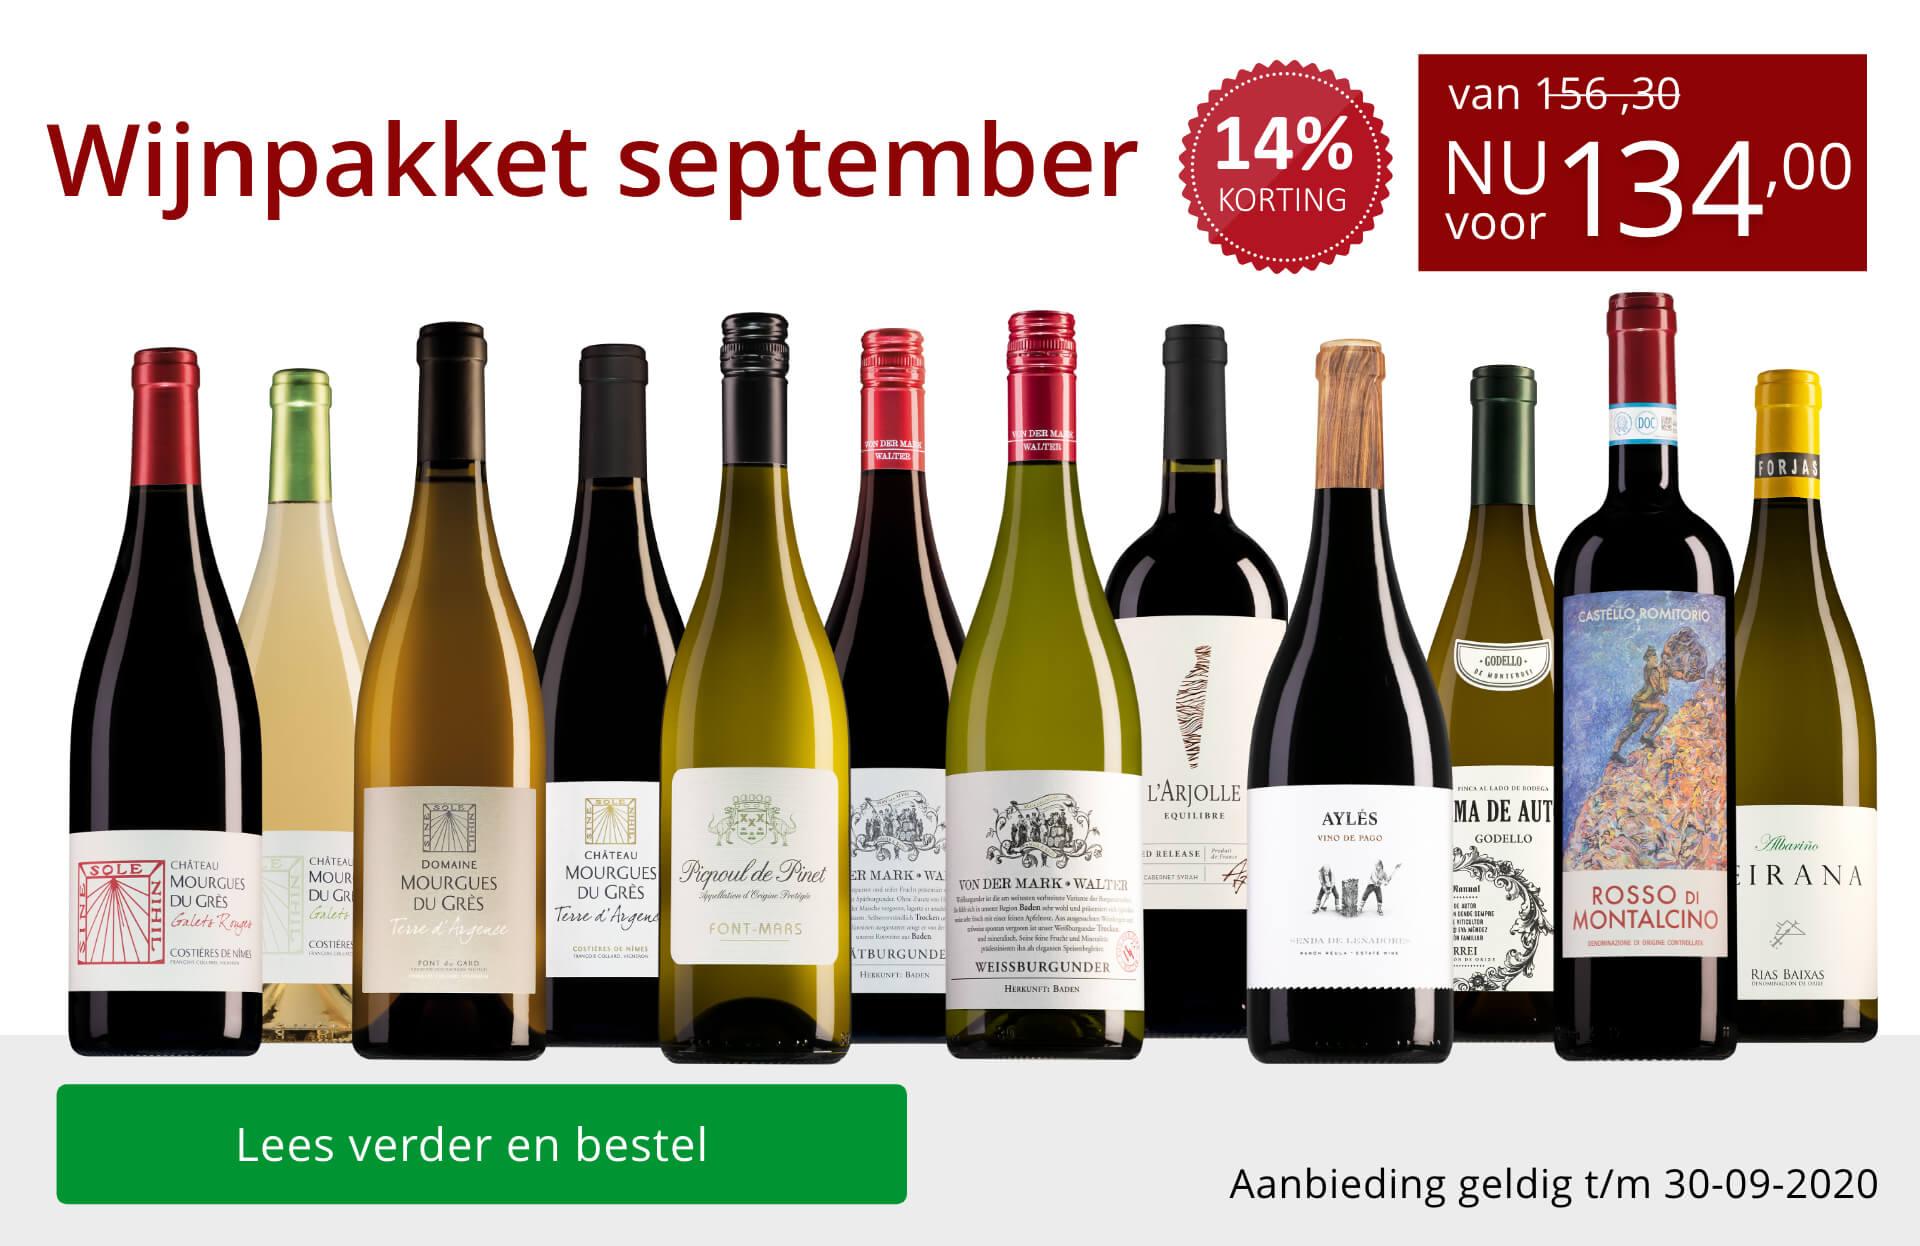 Wijnpakket wijnbericht september 2020 (134,00) - rood